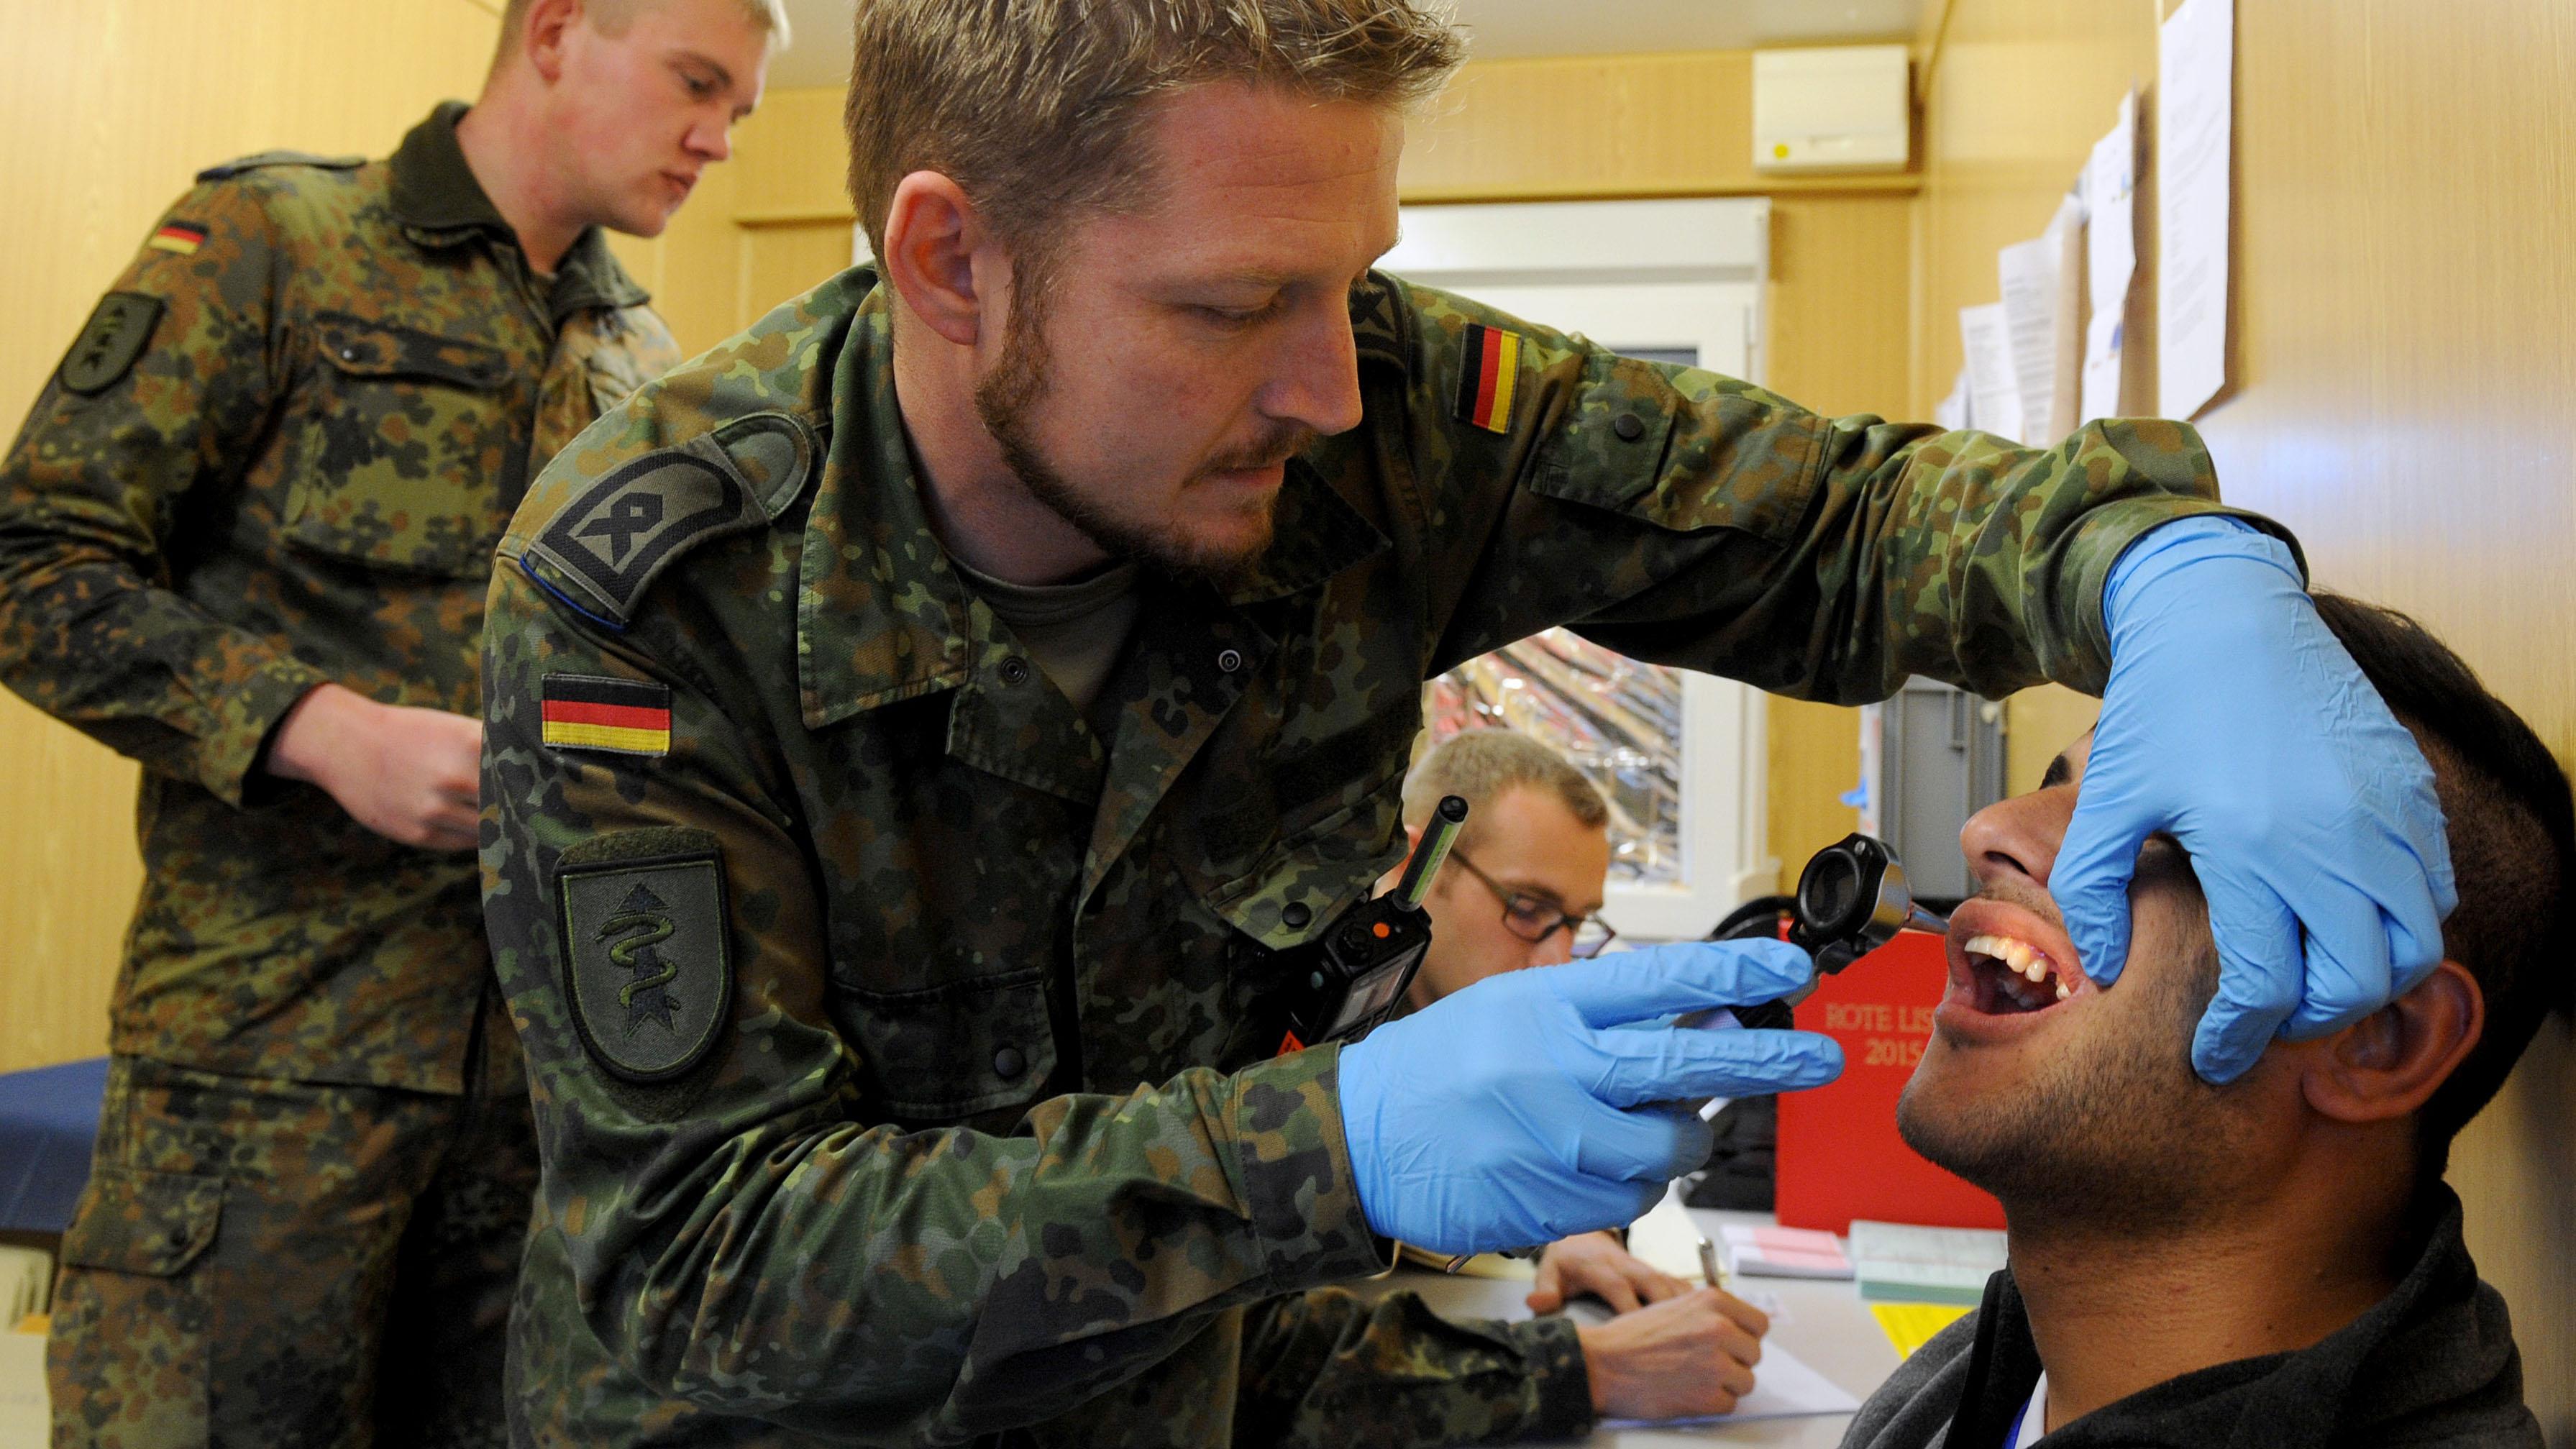 Sanitäter logo bundeswehr  Bundeswehr will sich aus Flüchtlingshilfe zurückziehen | rbb ...